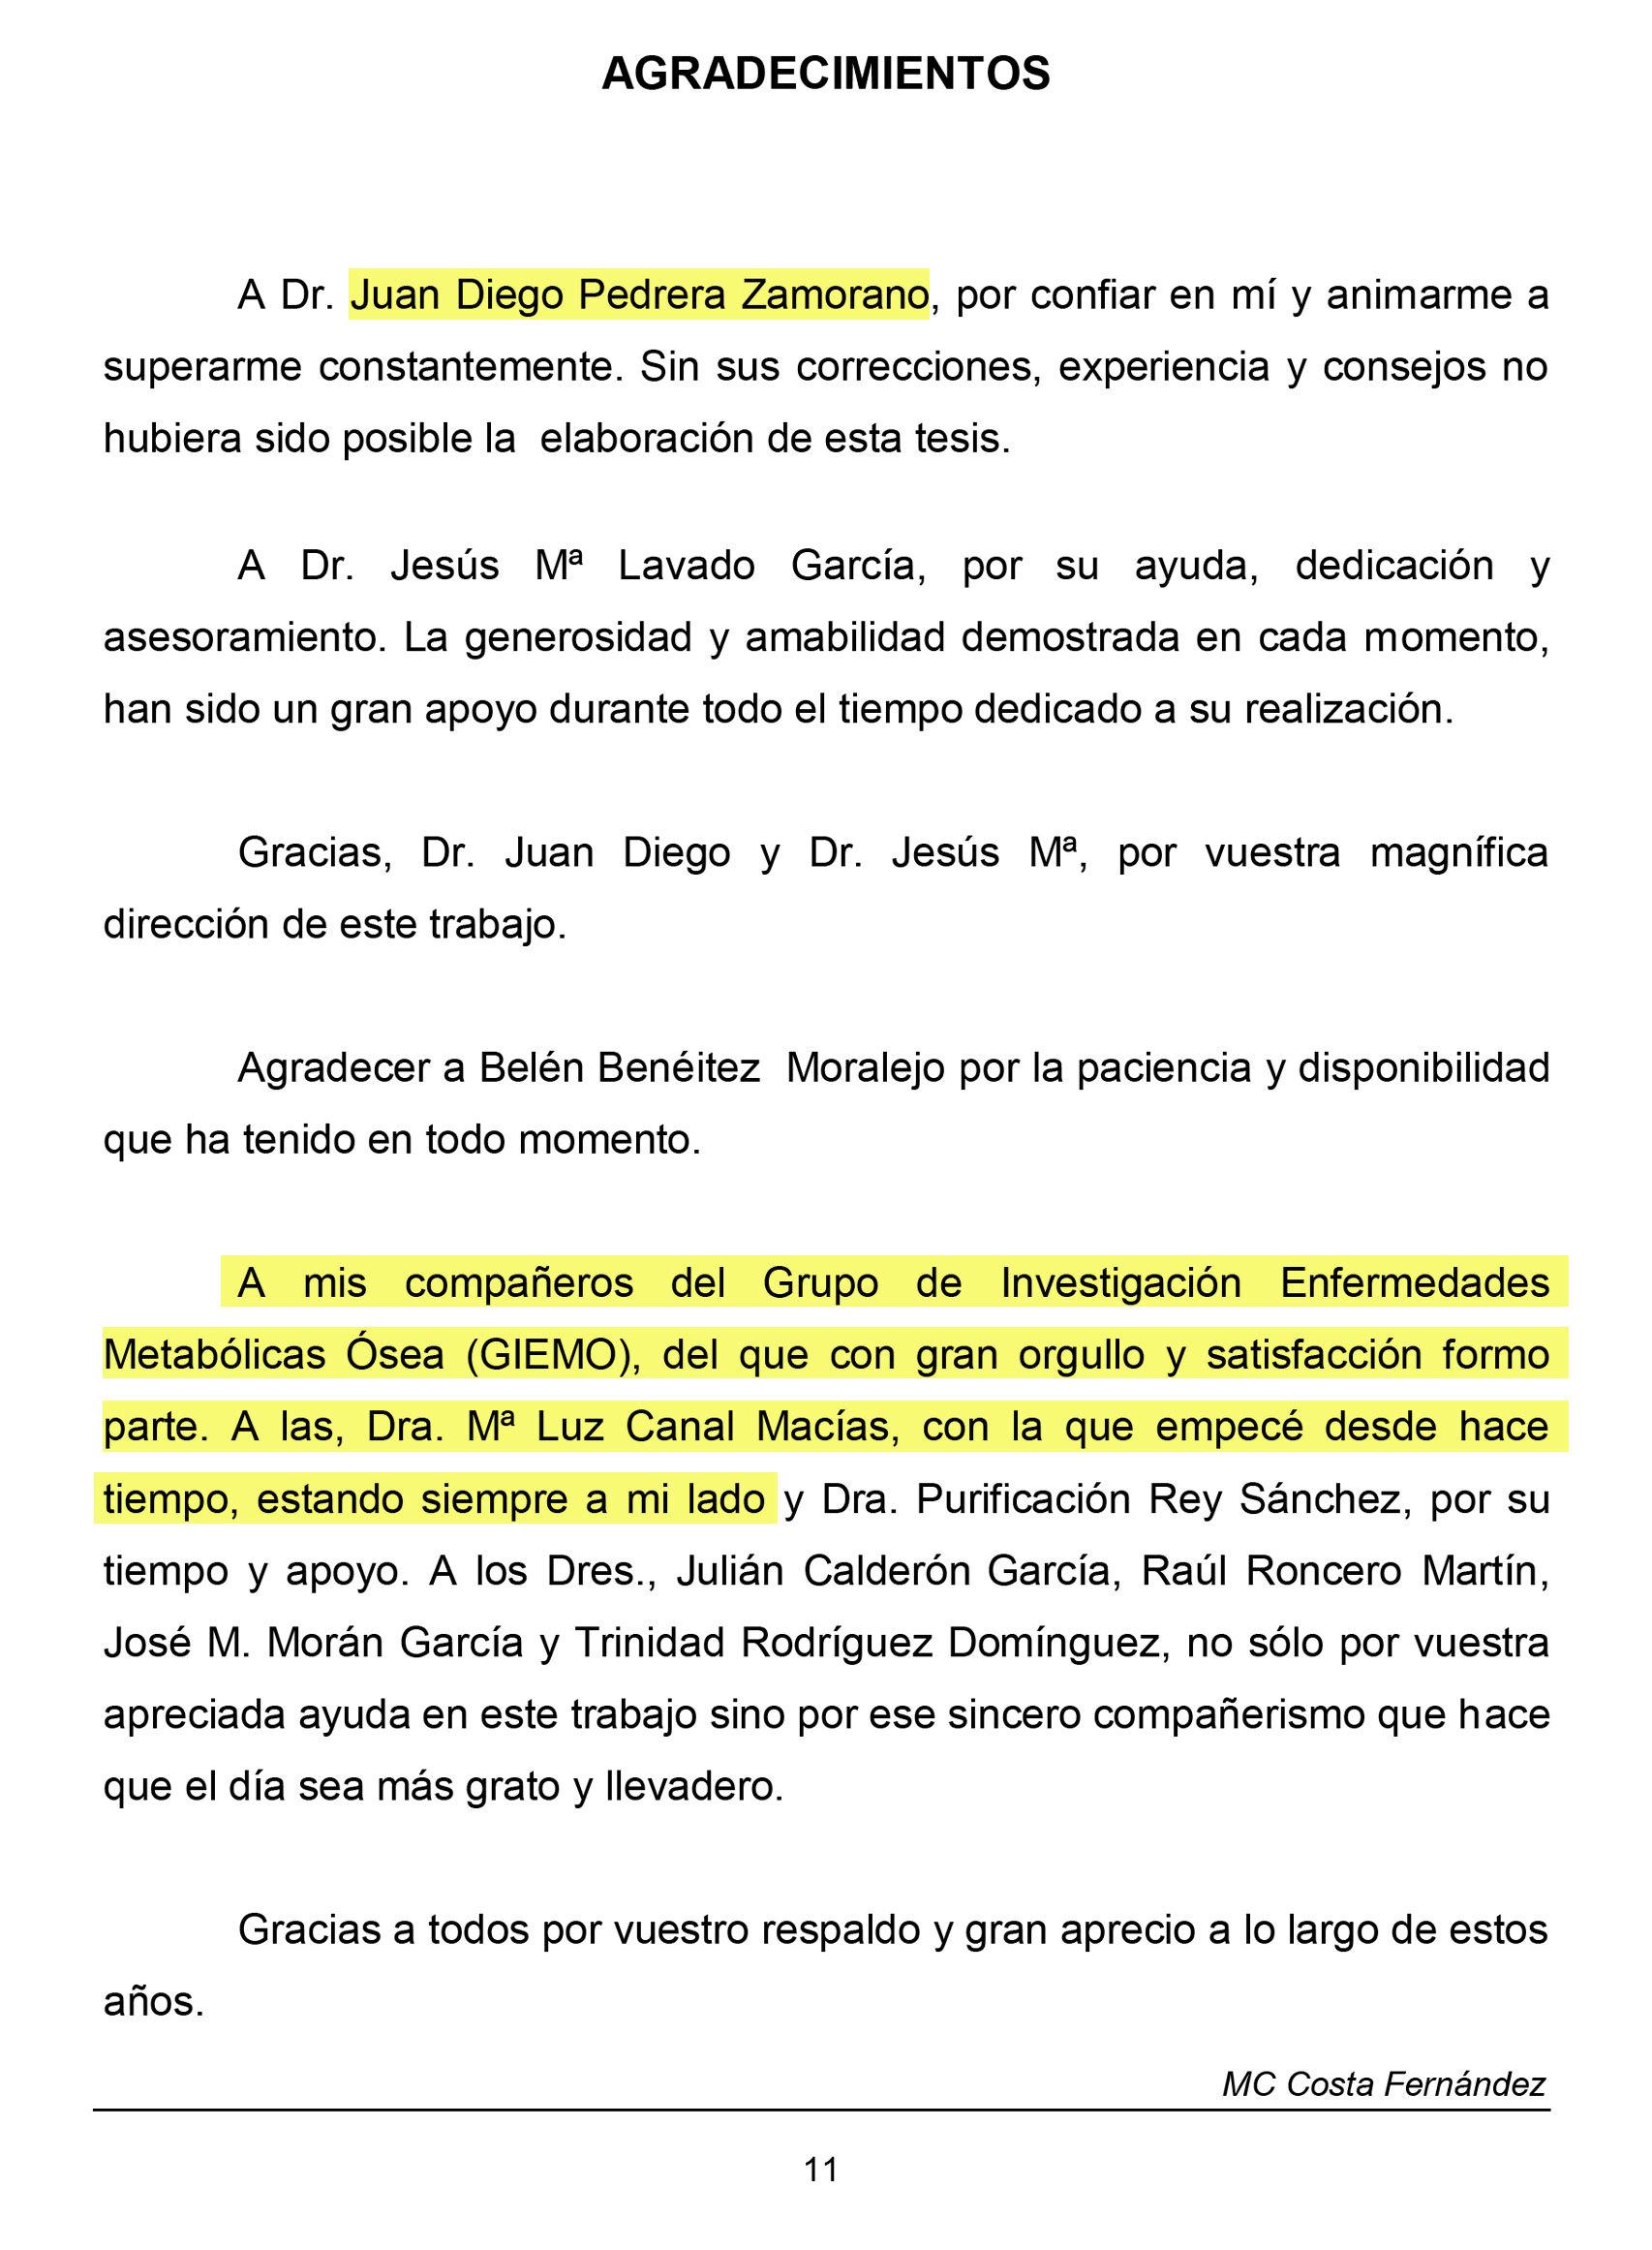 Agradecimientos en la tesis de Costa Fernández